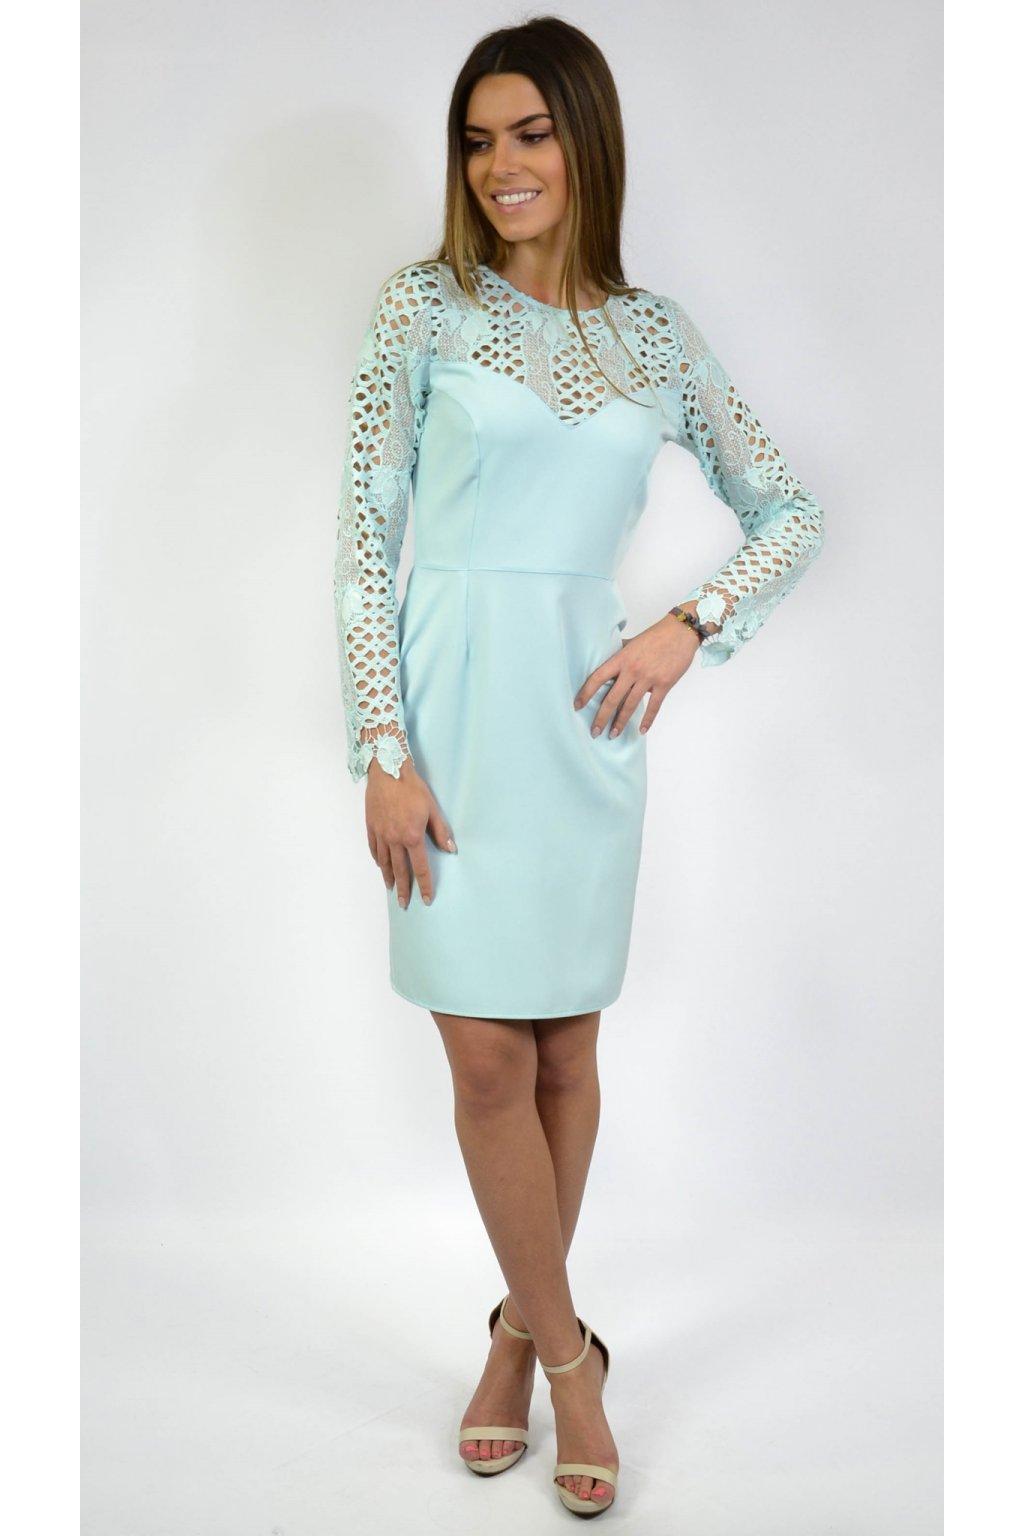 fc3f8544d954 Elegantné šaty s čipkou 7000 tyrkysové - Tentation.sk